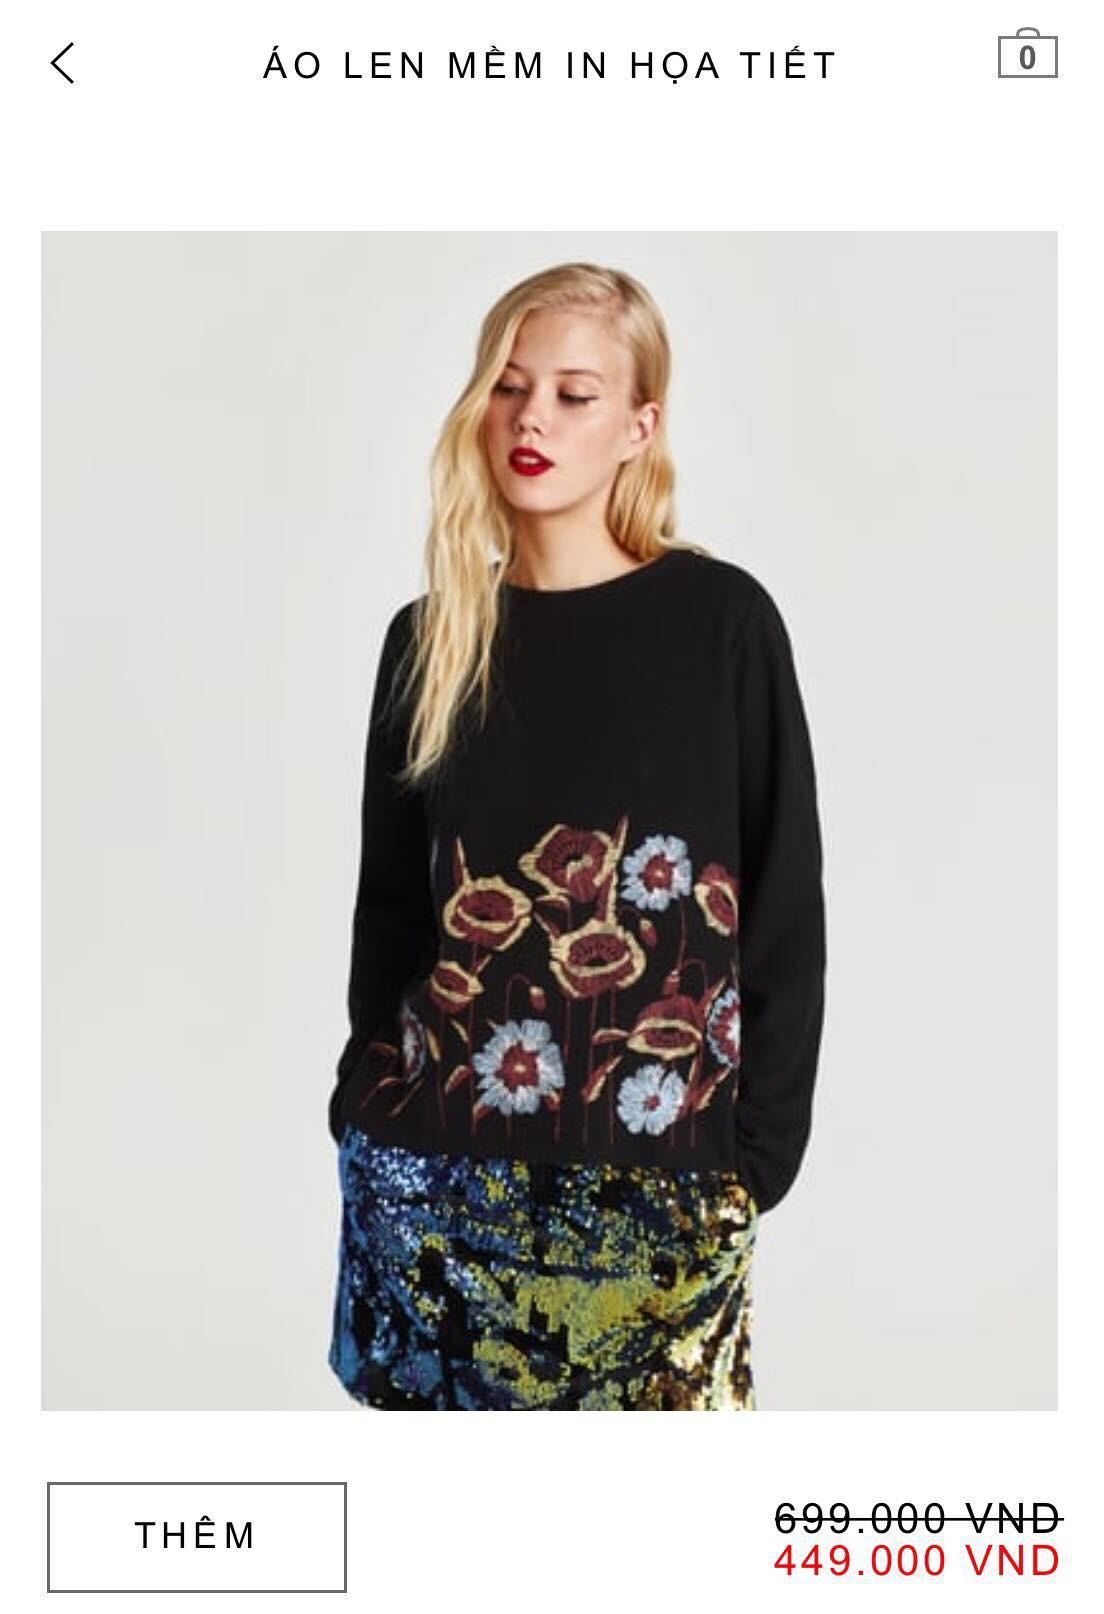 14 mẫu áo len, áo nỉ dưới 500.000 VNĐ xinh xắn, trendy đáng sắm nhất đợt sale này của Zara - Ảnh 6.